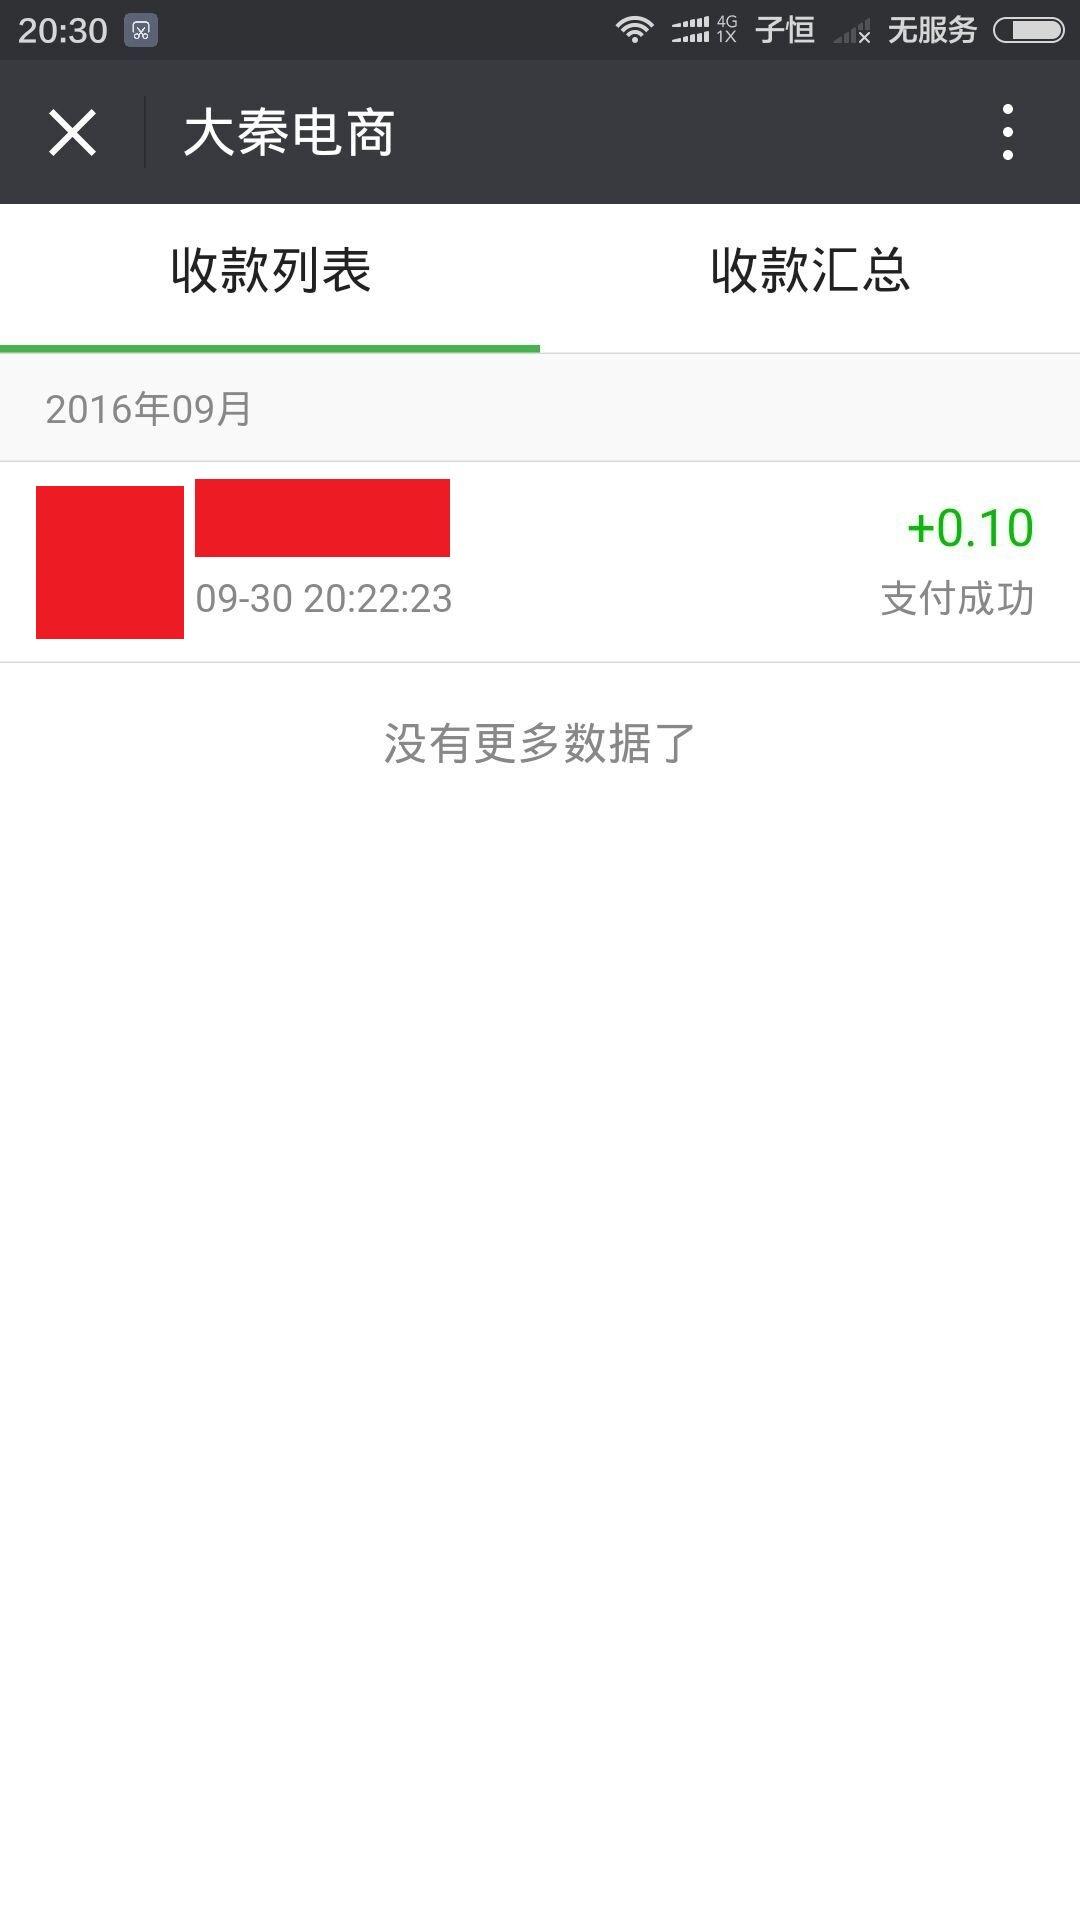 微信买单收款列表